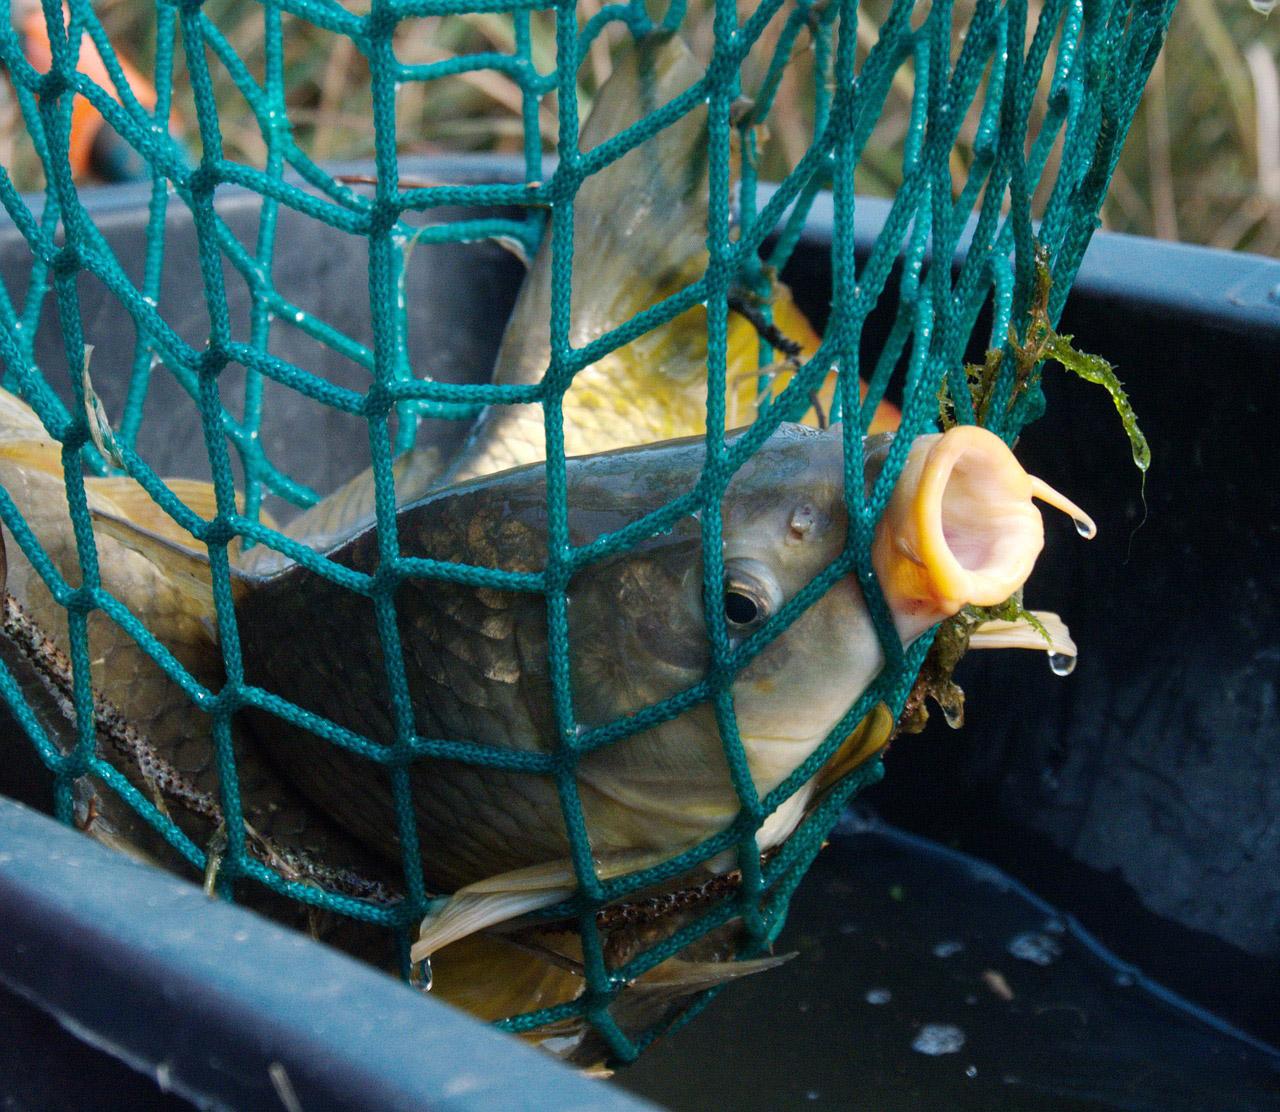 Vor der Weihnachtszeit haben Fischer allerhand zu tun, um die Karpfen aus den Zuchtgewässern zu holen. Foto: pixabay